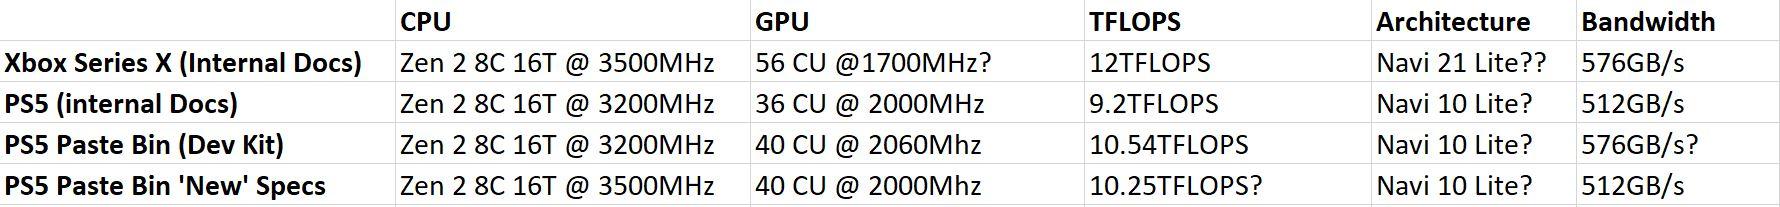 Comparan el rendimiento de las CPU de la actual y la próxima generación de consolas 1